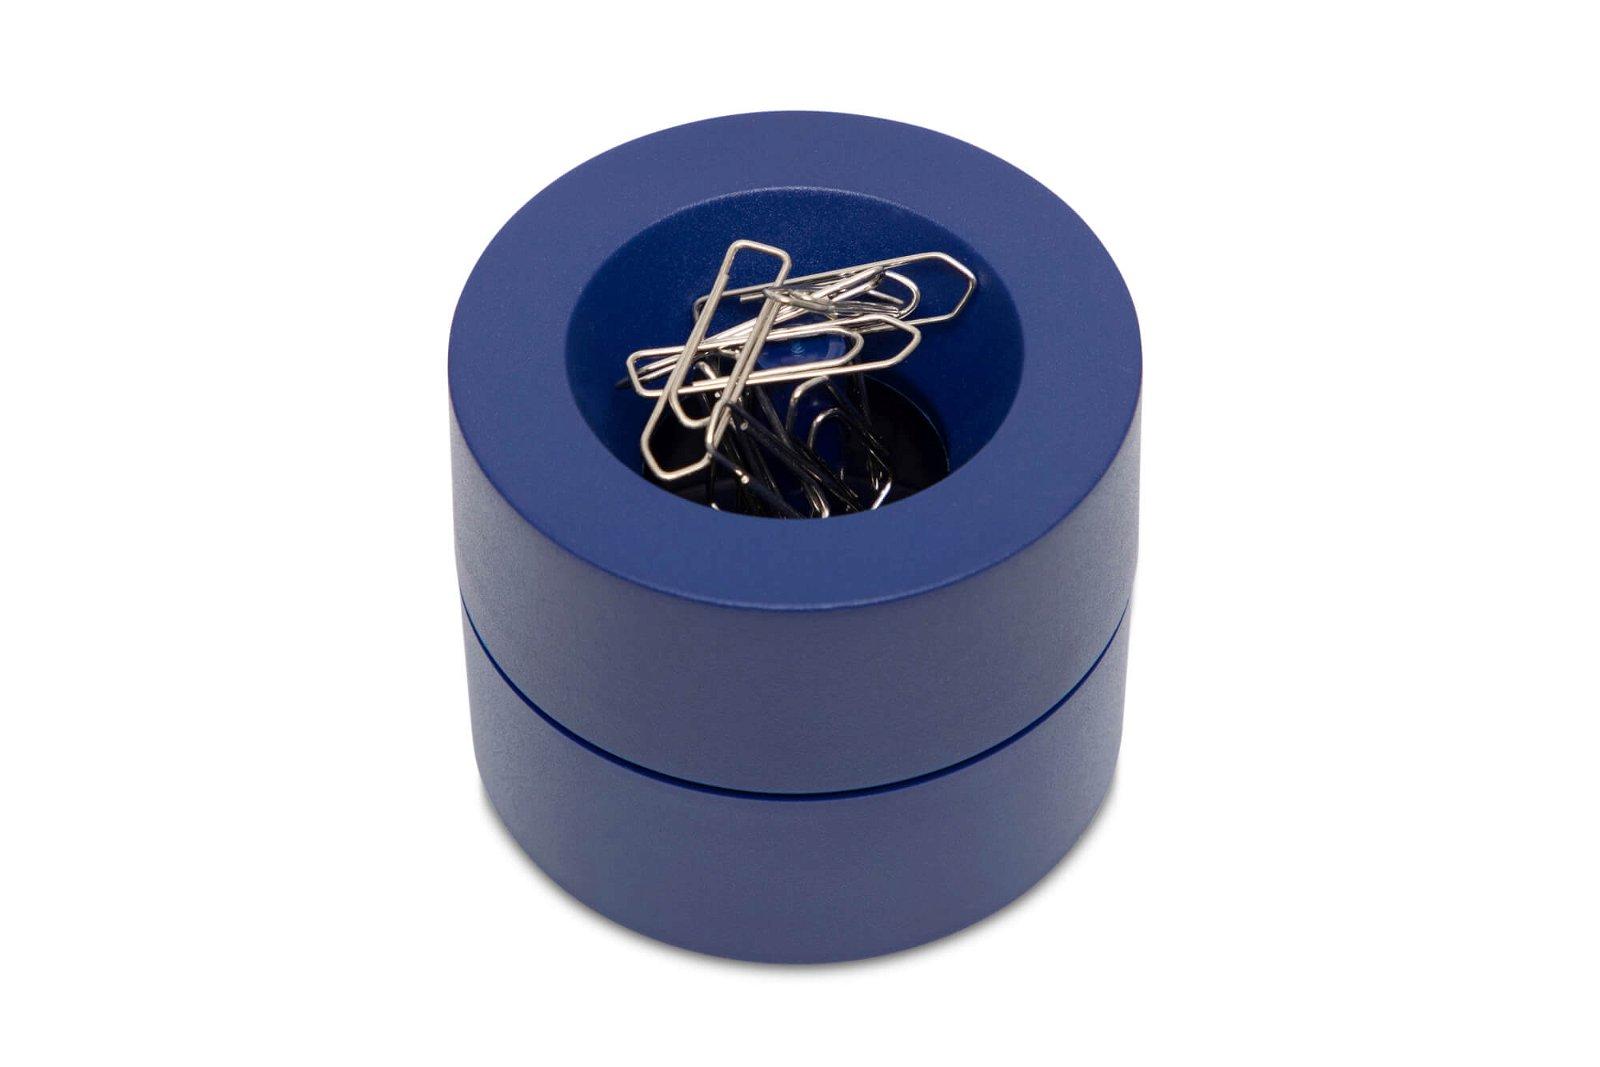 Klammernspender MAULpro, blau